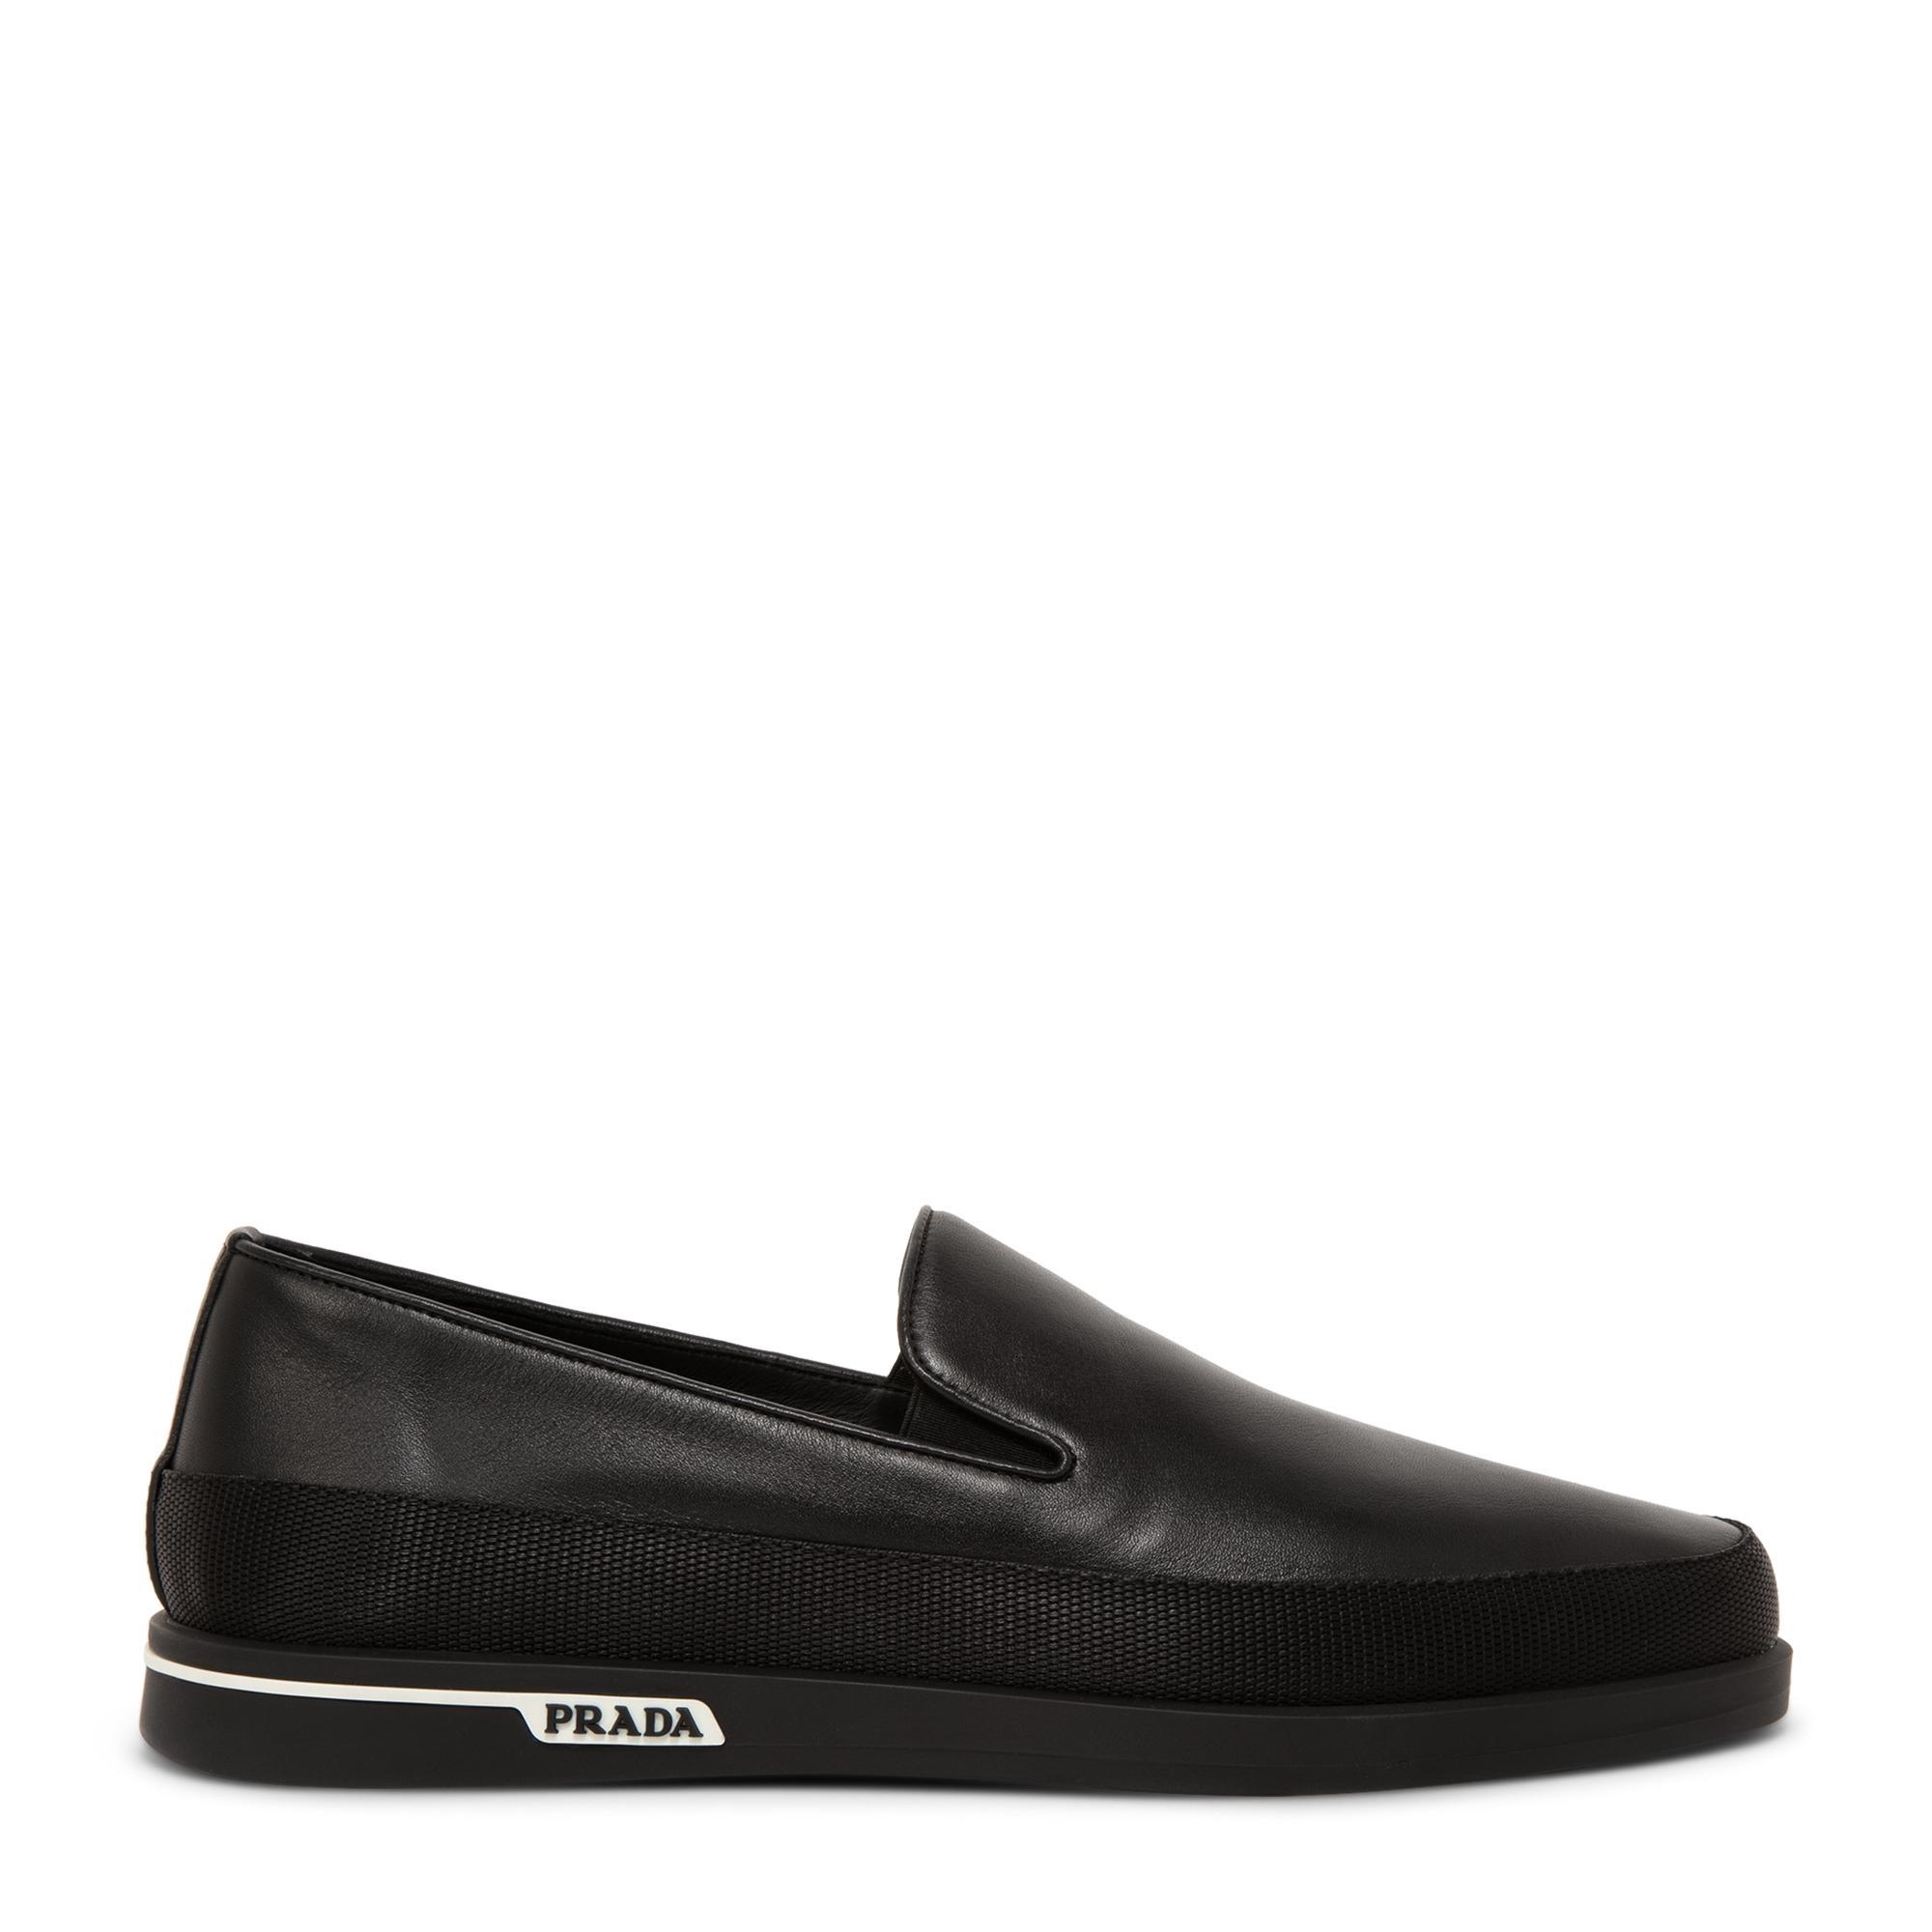 حذاء سان تروبيز الرياضي الجلدي بدون أربطة